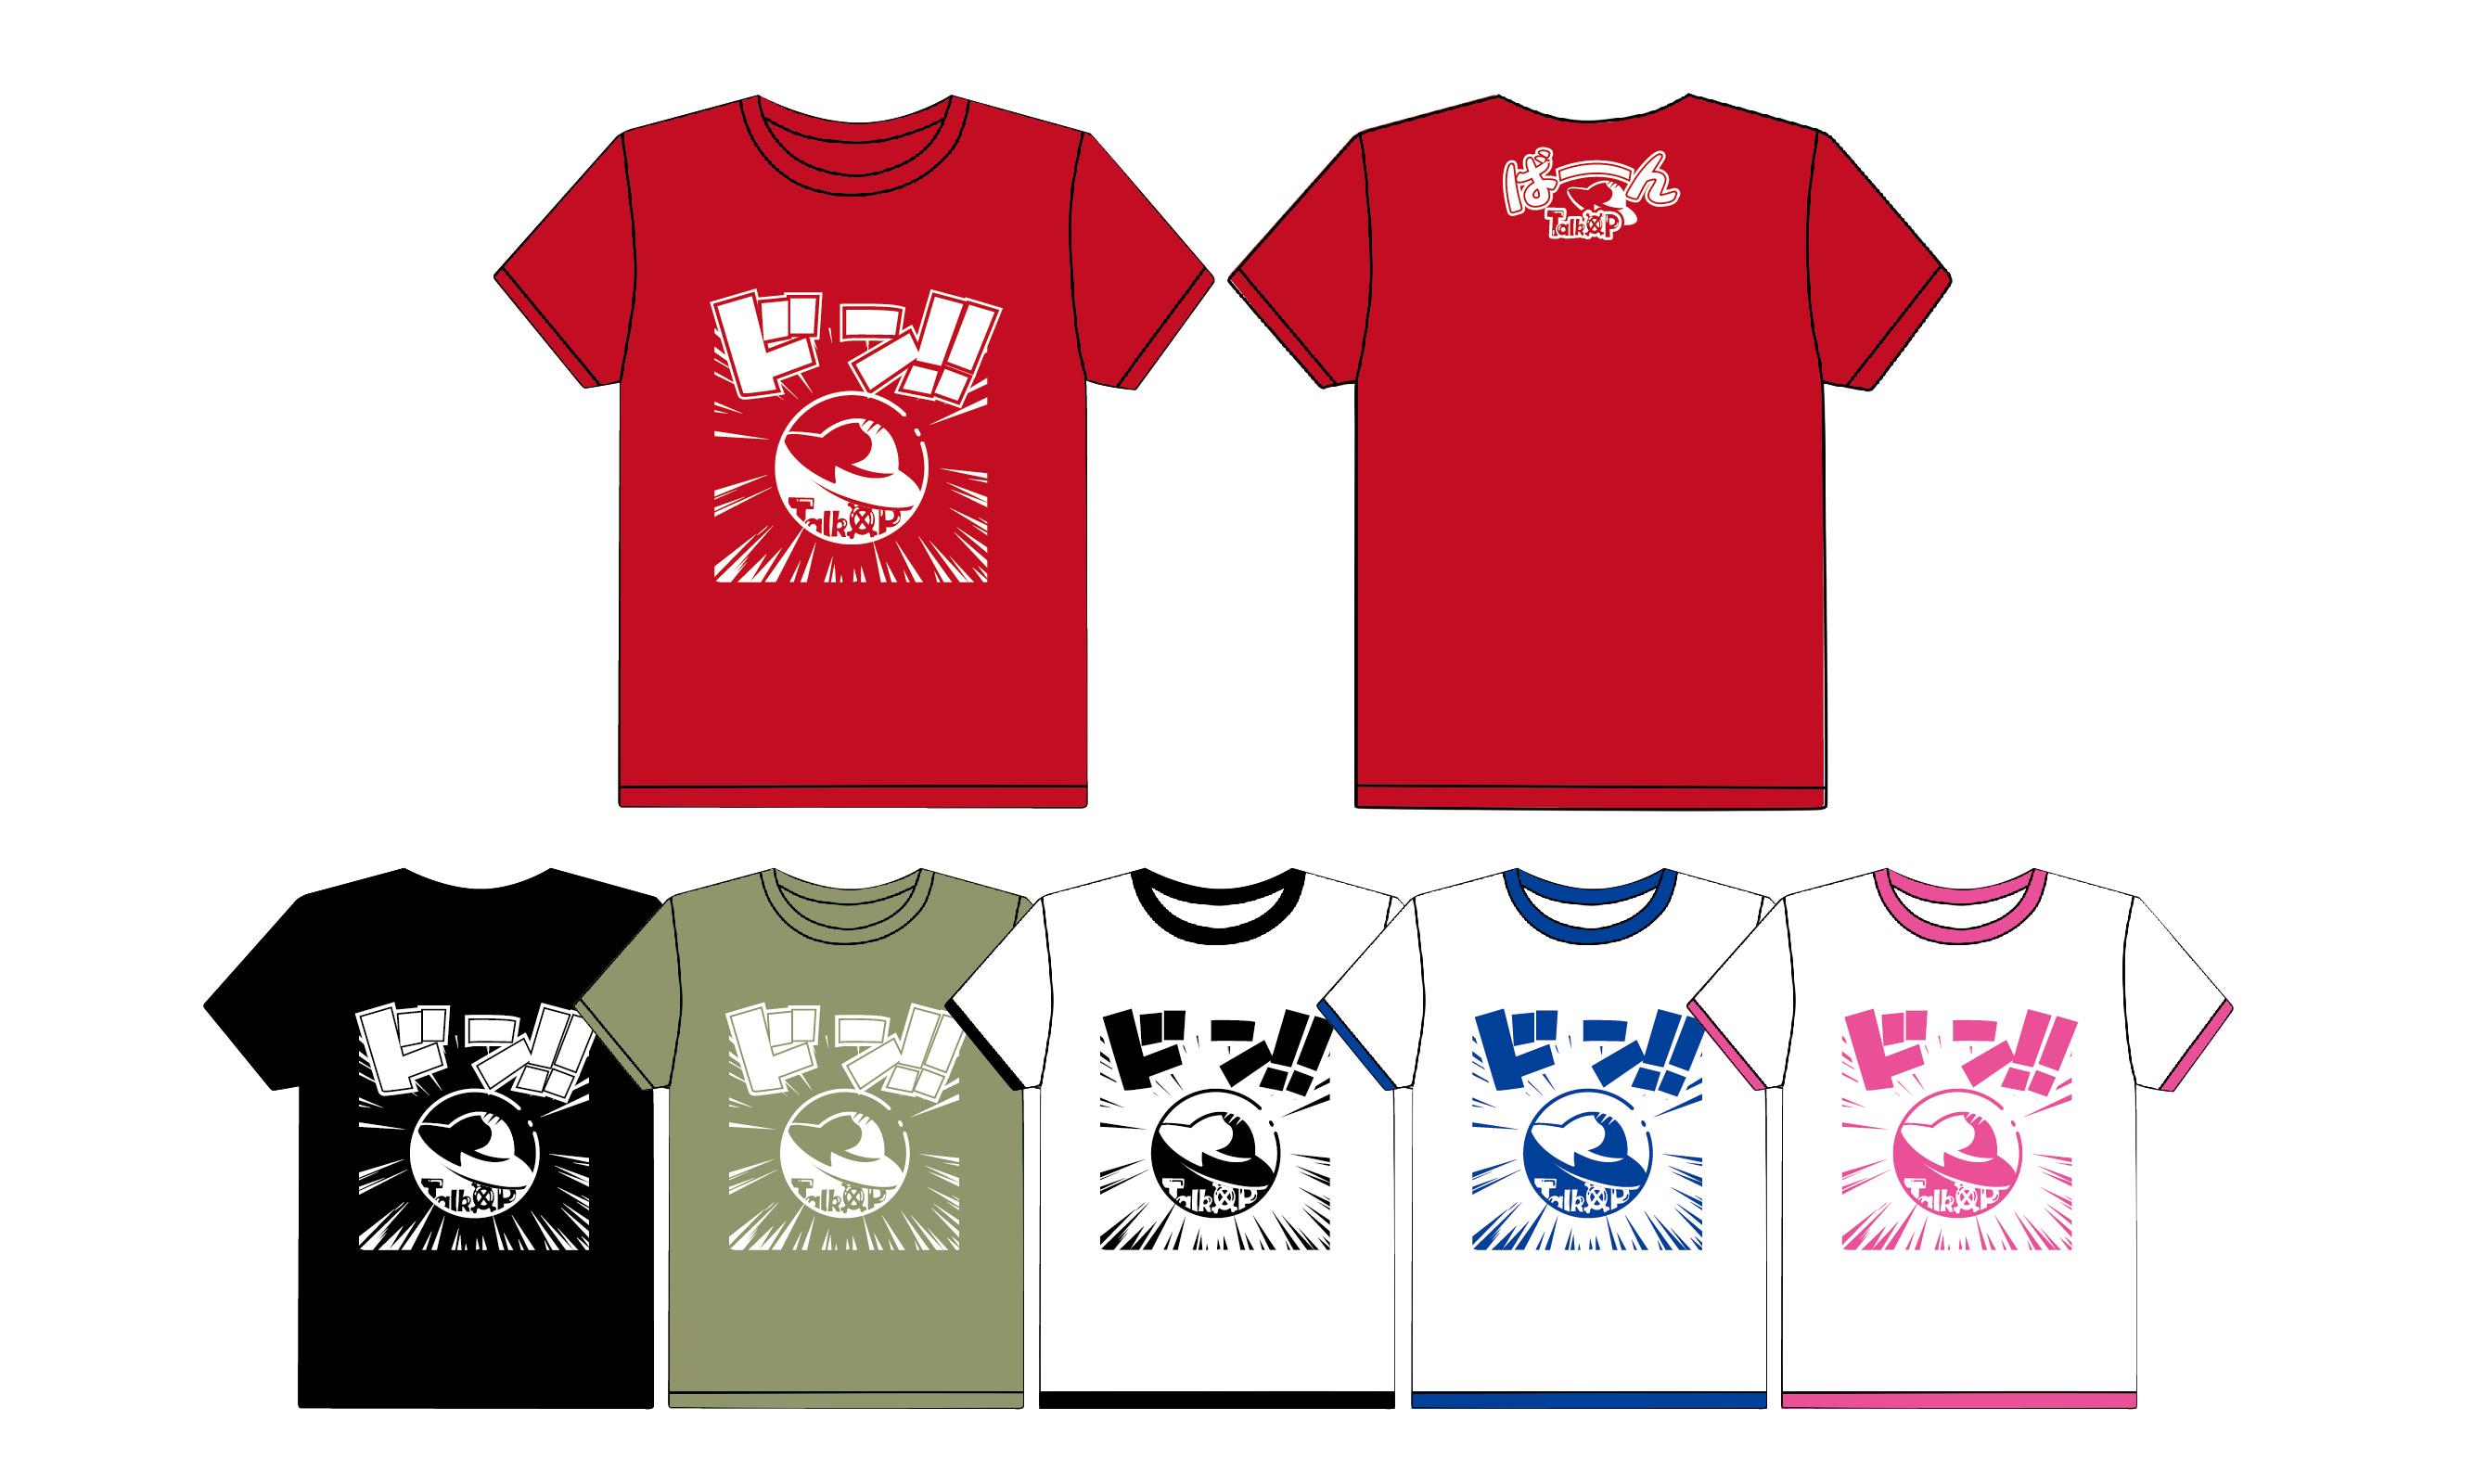 T恤设计-03.jpg